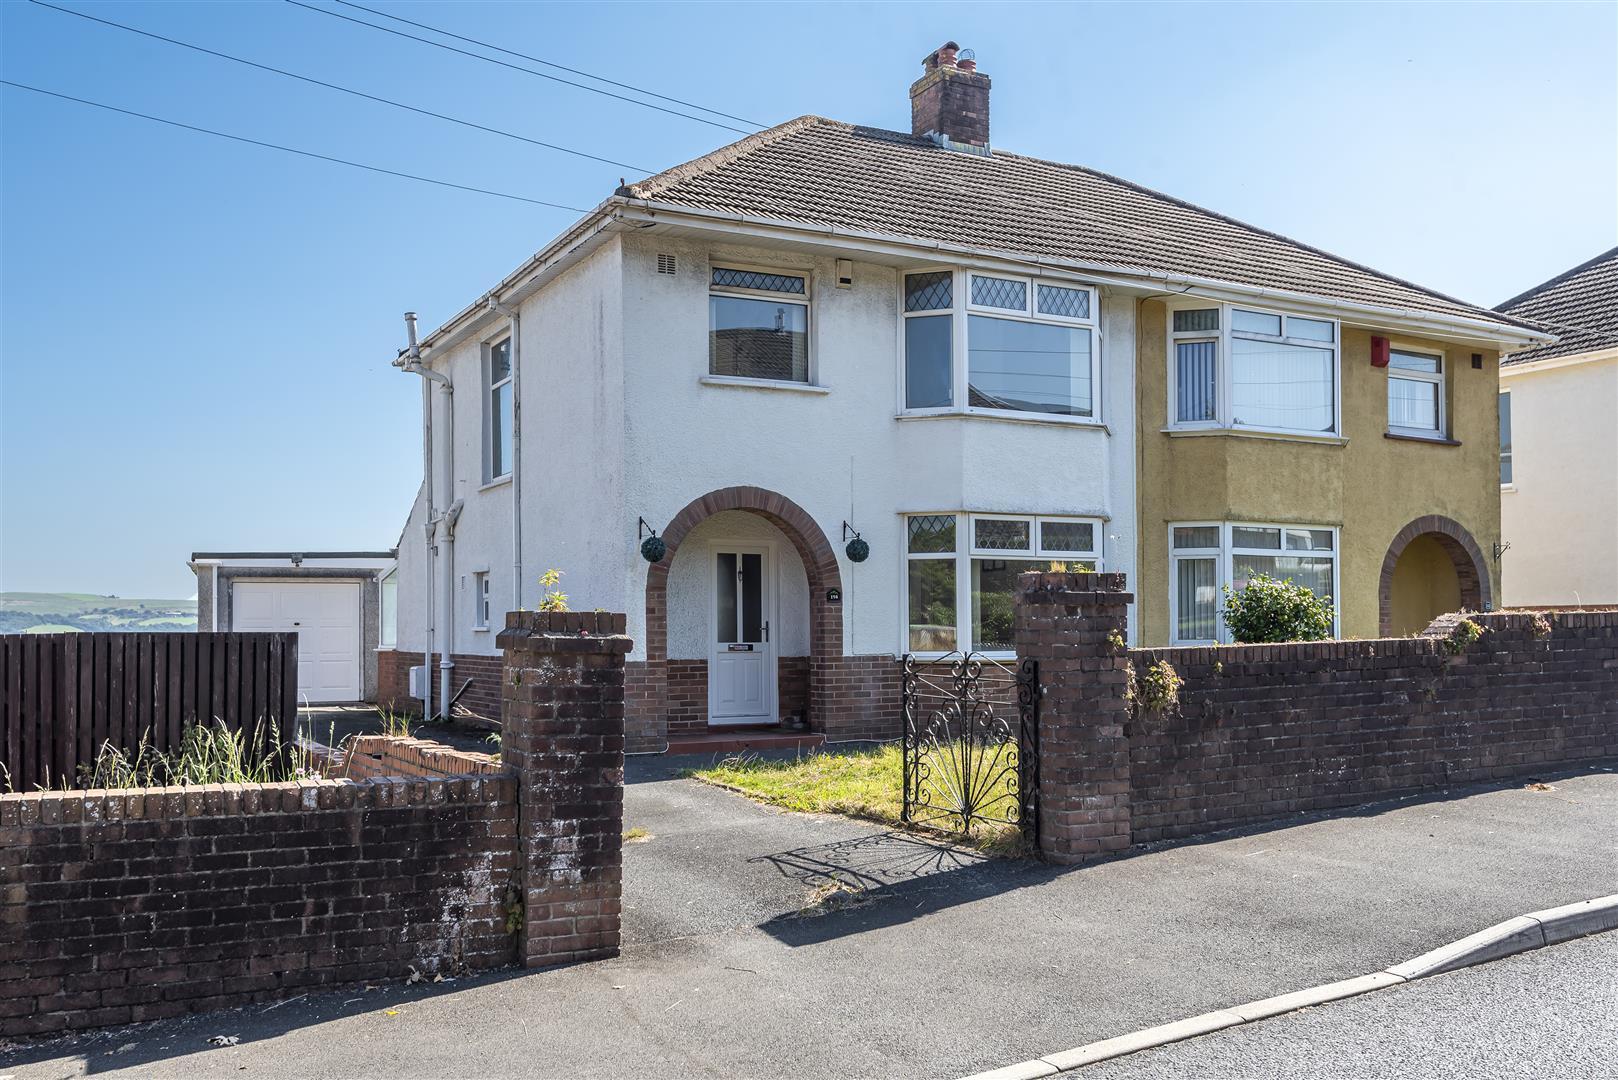 Vicarage Road, Morriston, Swansea, SA6 6DU